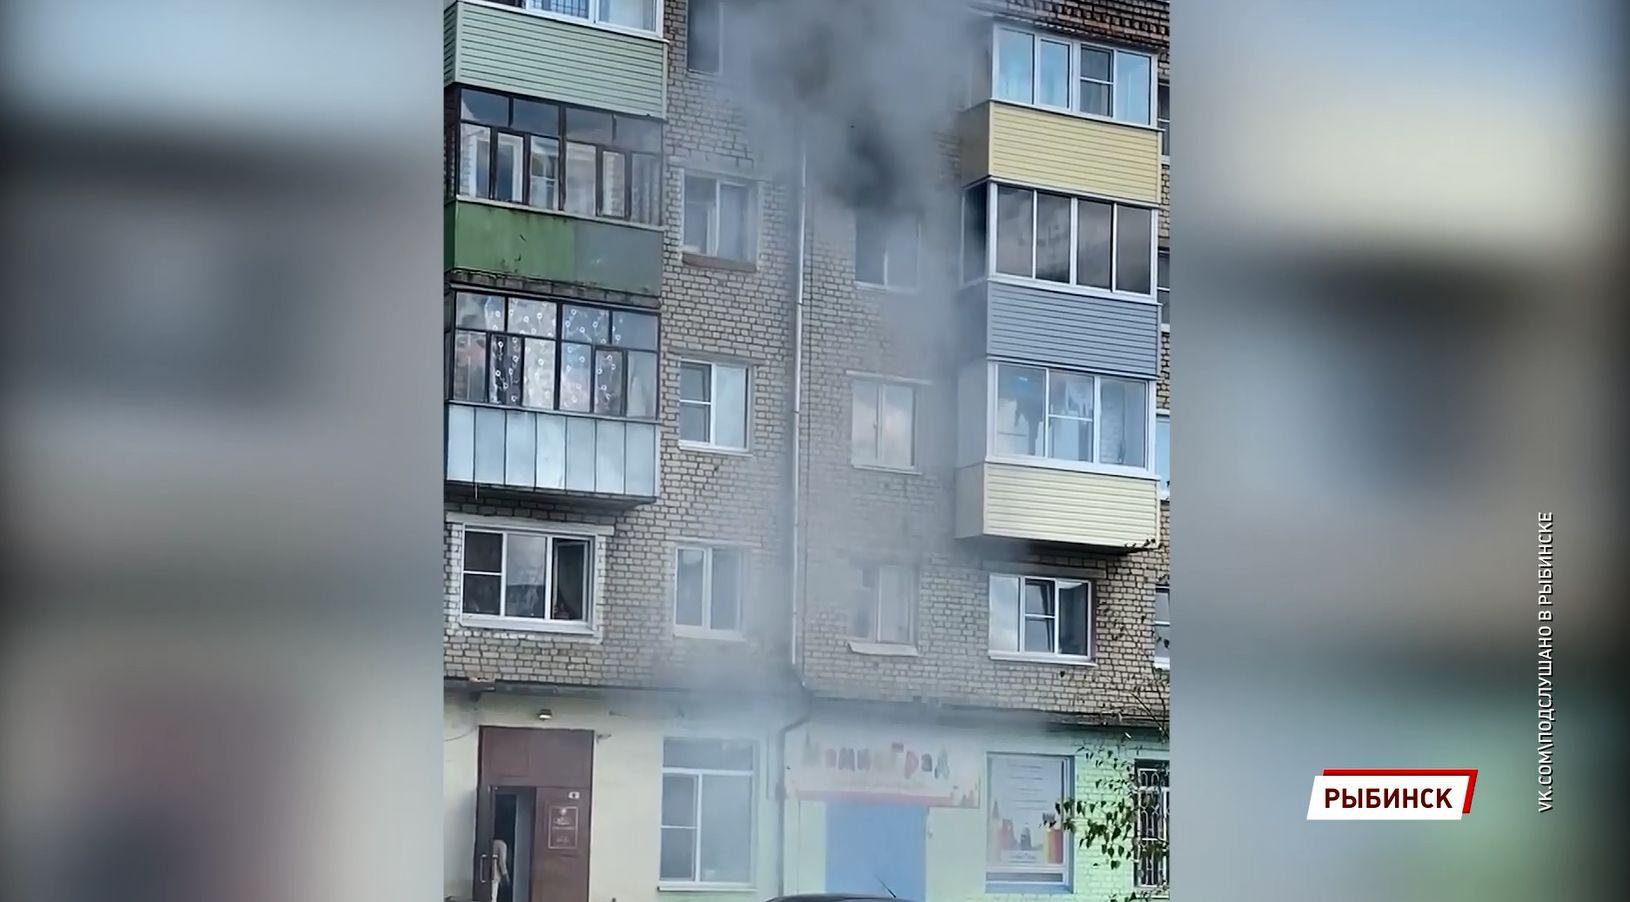 В Рыбинске произошёл пожар в пятиэтажке на улице 50 лет ВЛКСМ